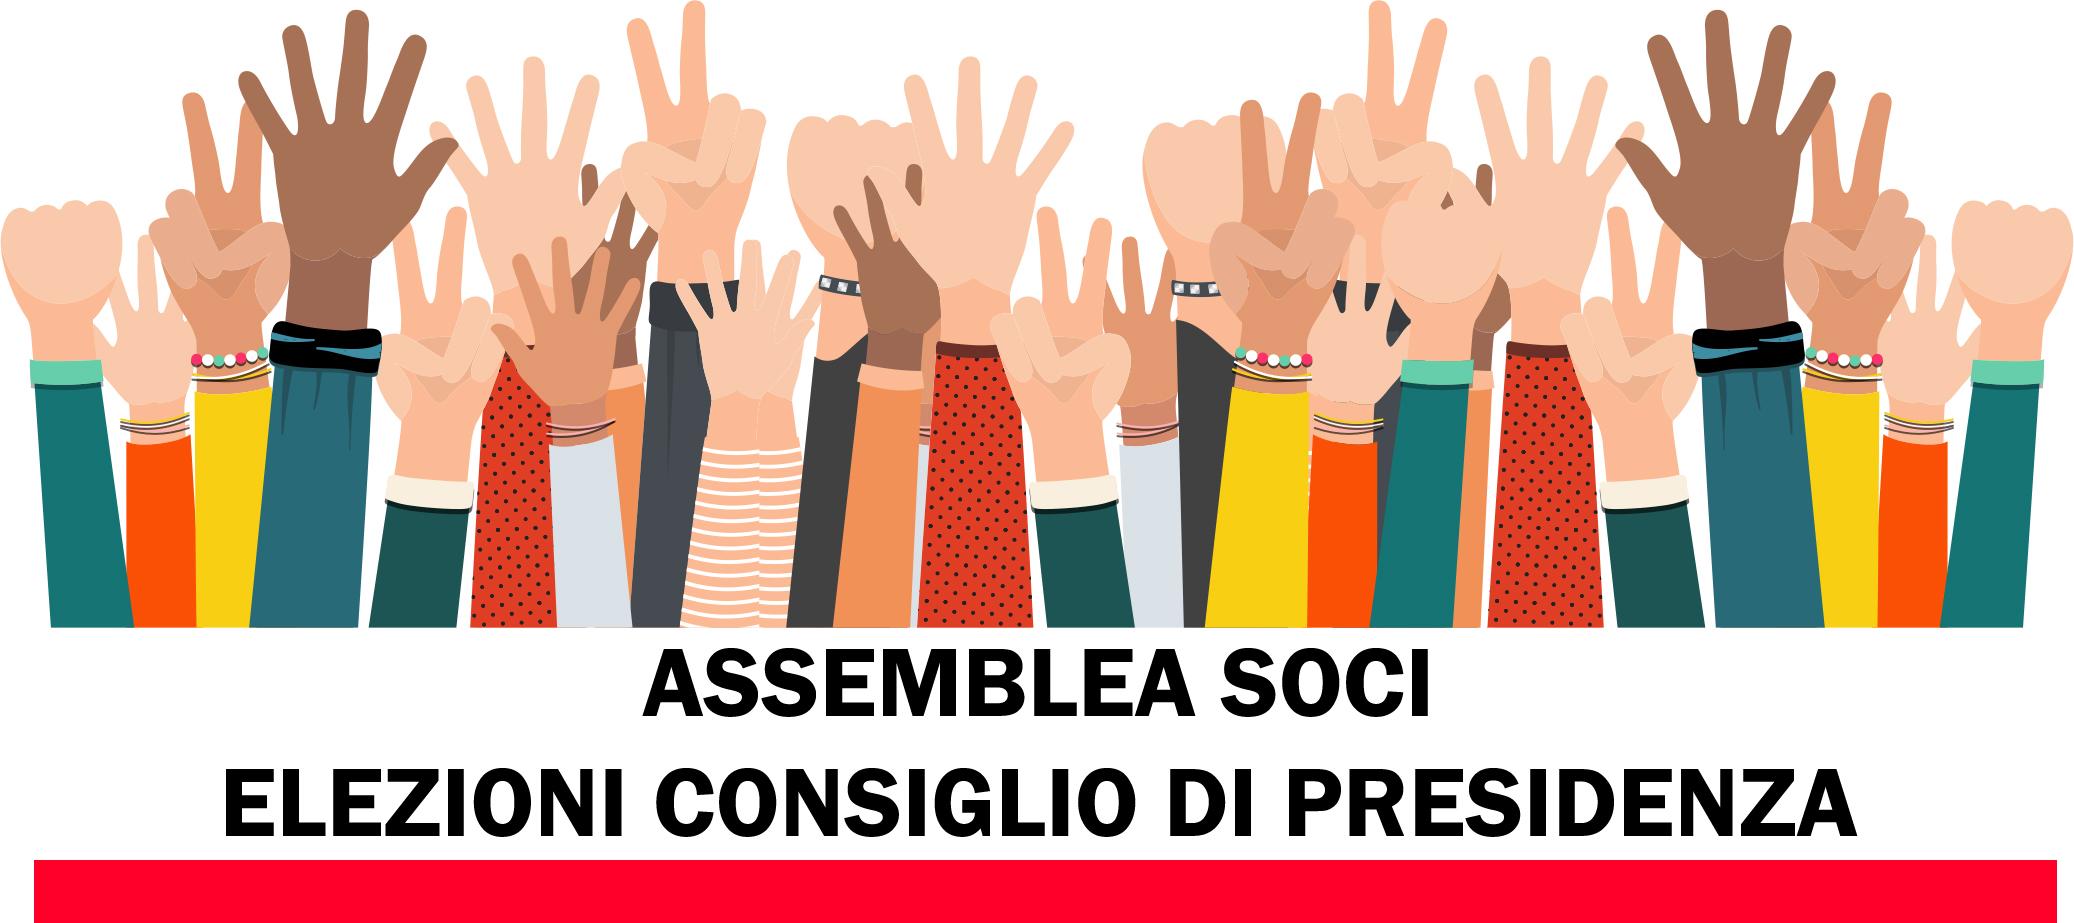 ANNULLATA – Assemblea ordinaria ed elezioni nuovo consiglio di presidenza